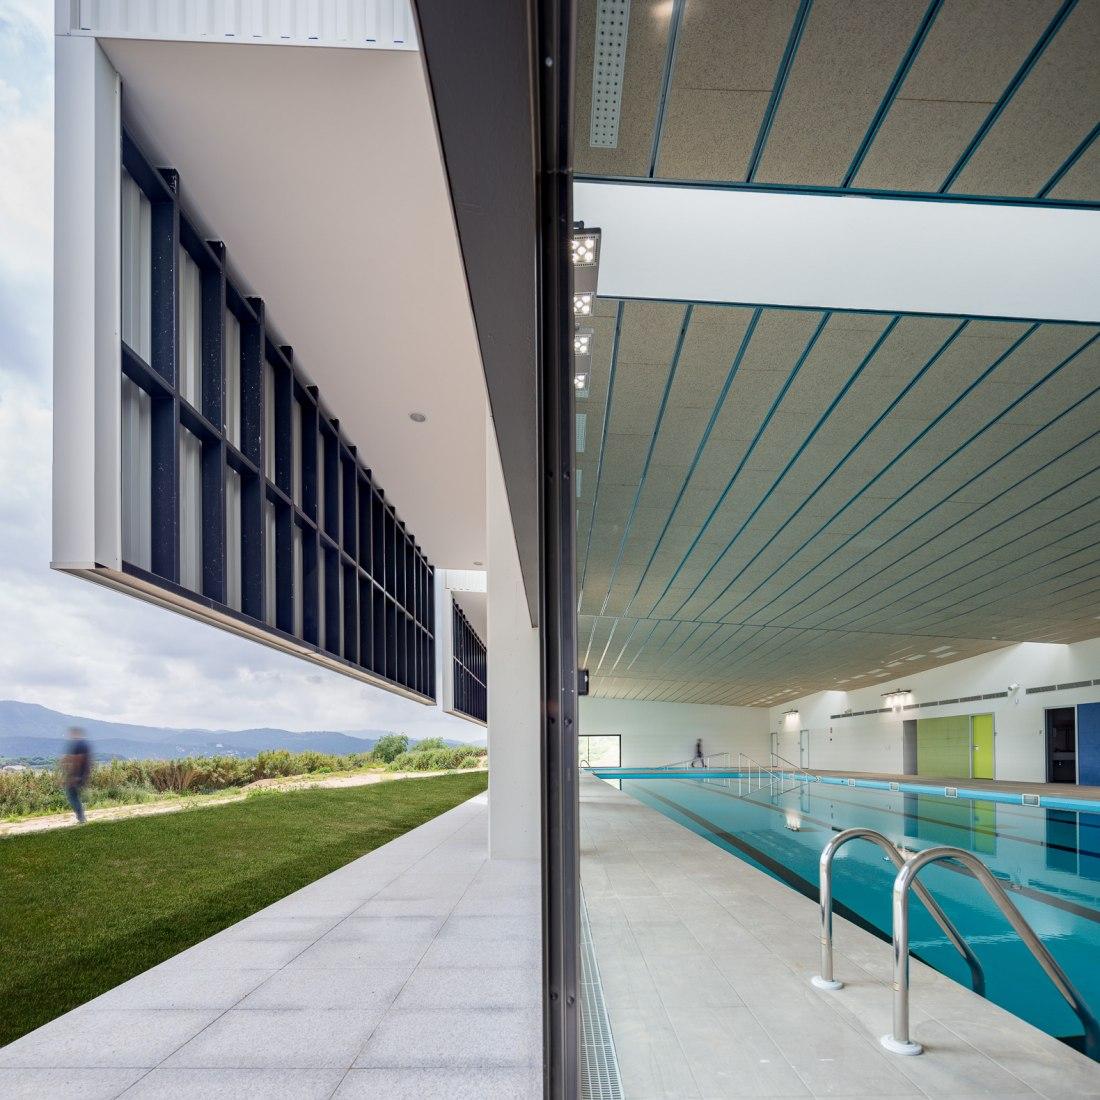 Centro de rehabilitación funcional por CPVA arquitectes. Fotografía por Simón García